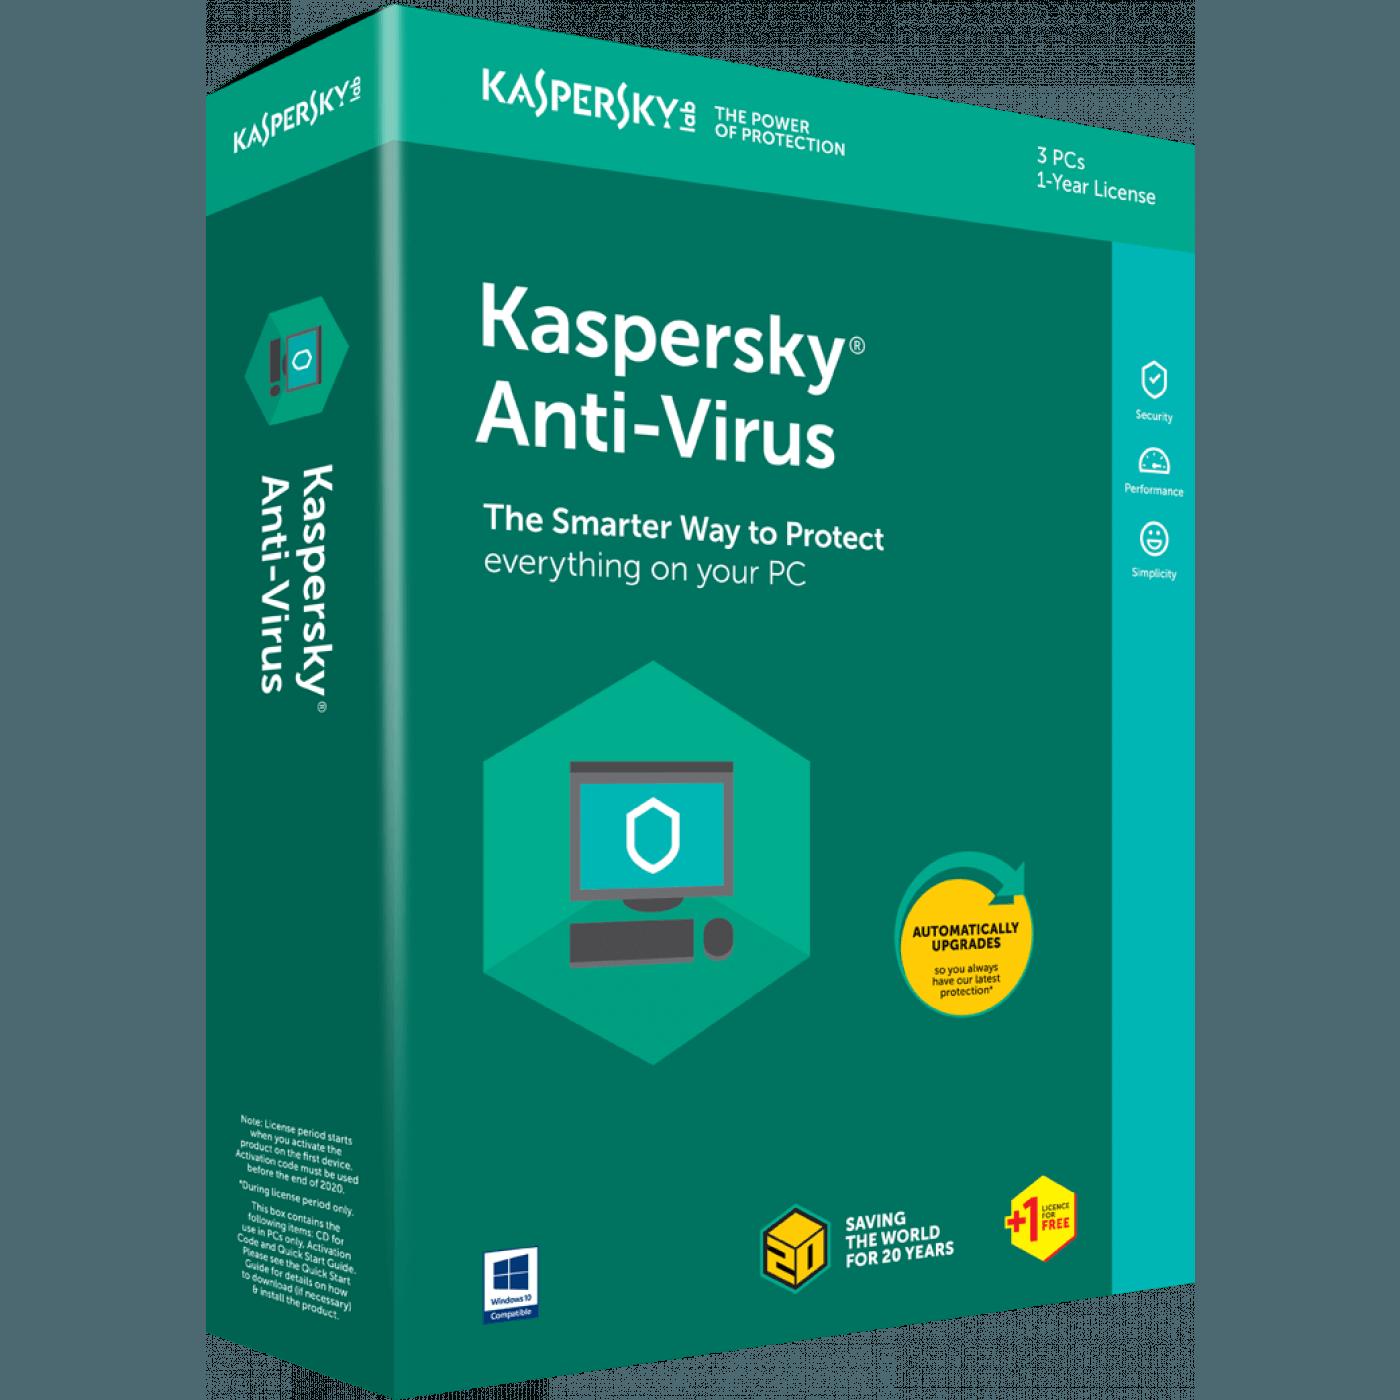 ¿Cuál es el mejor Antivirus? 2